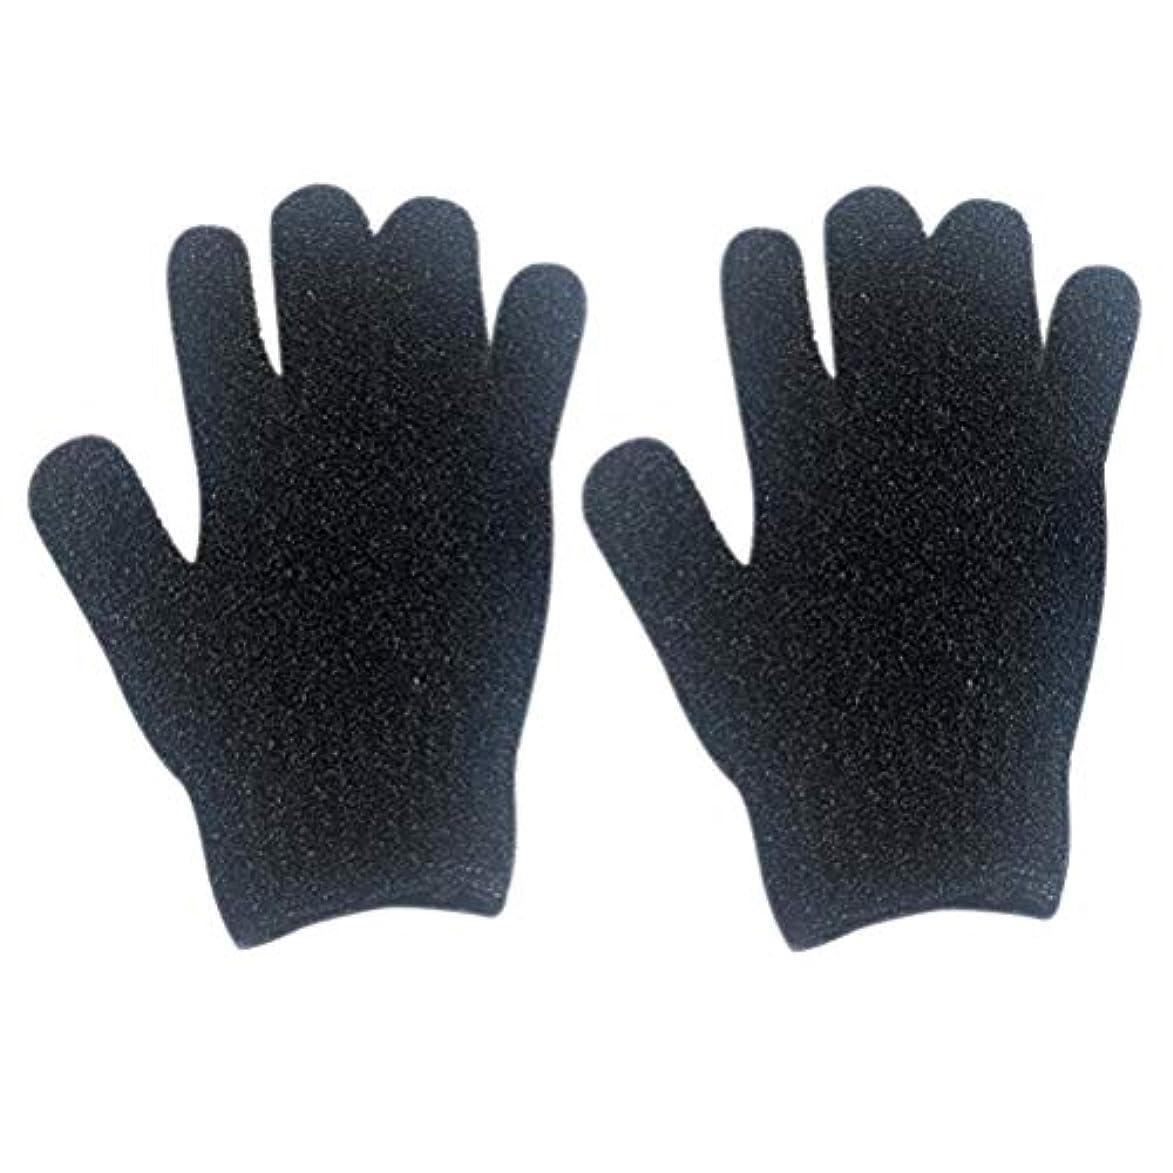 保持メトリックエンターテインメントHealifty エクスフォリエイティンググローブラビング手袋エクスフォリエーター手袋入浴スパ2本